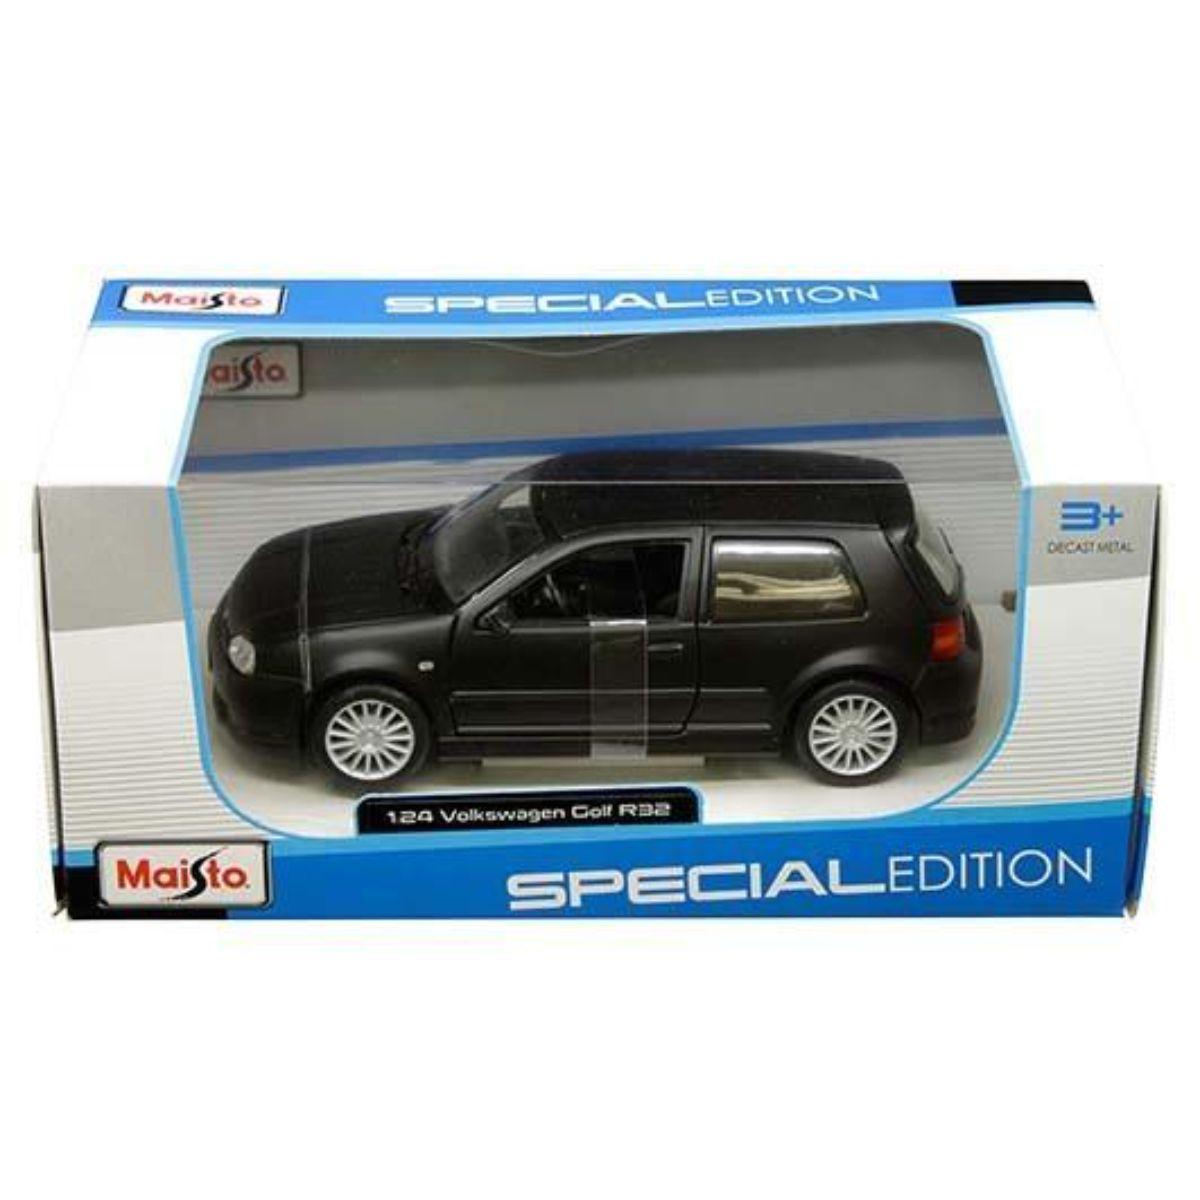 Masinuta Maisto Volkswagen Golf R32 1:24, Negru